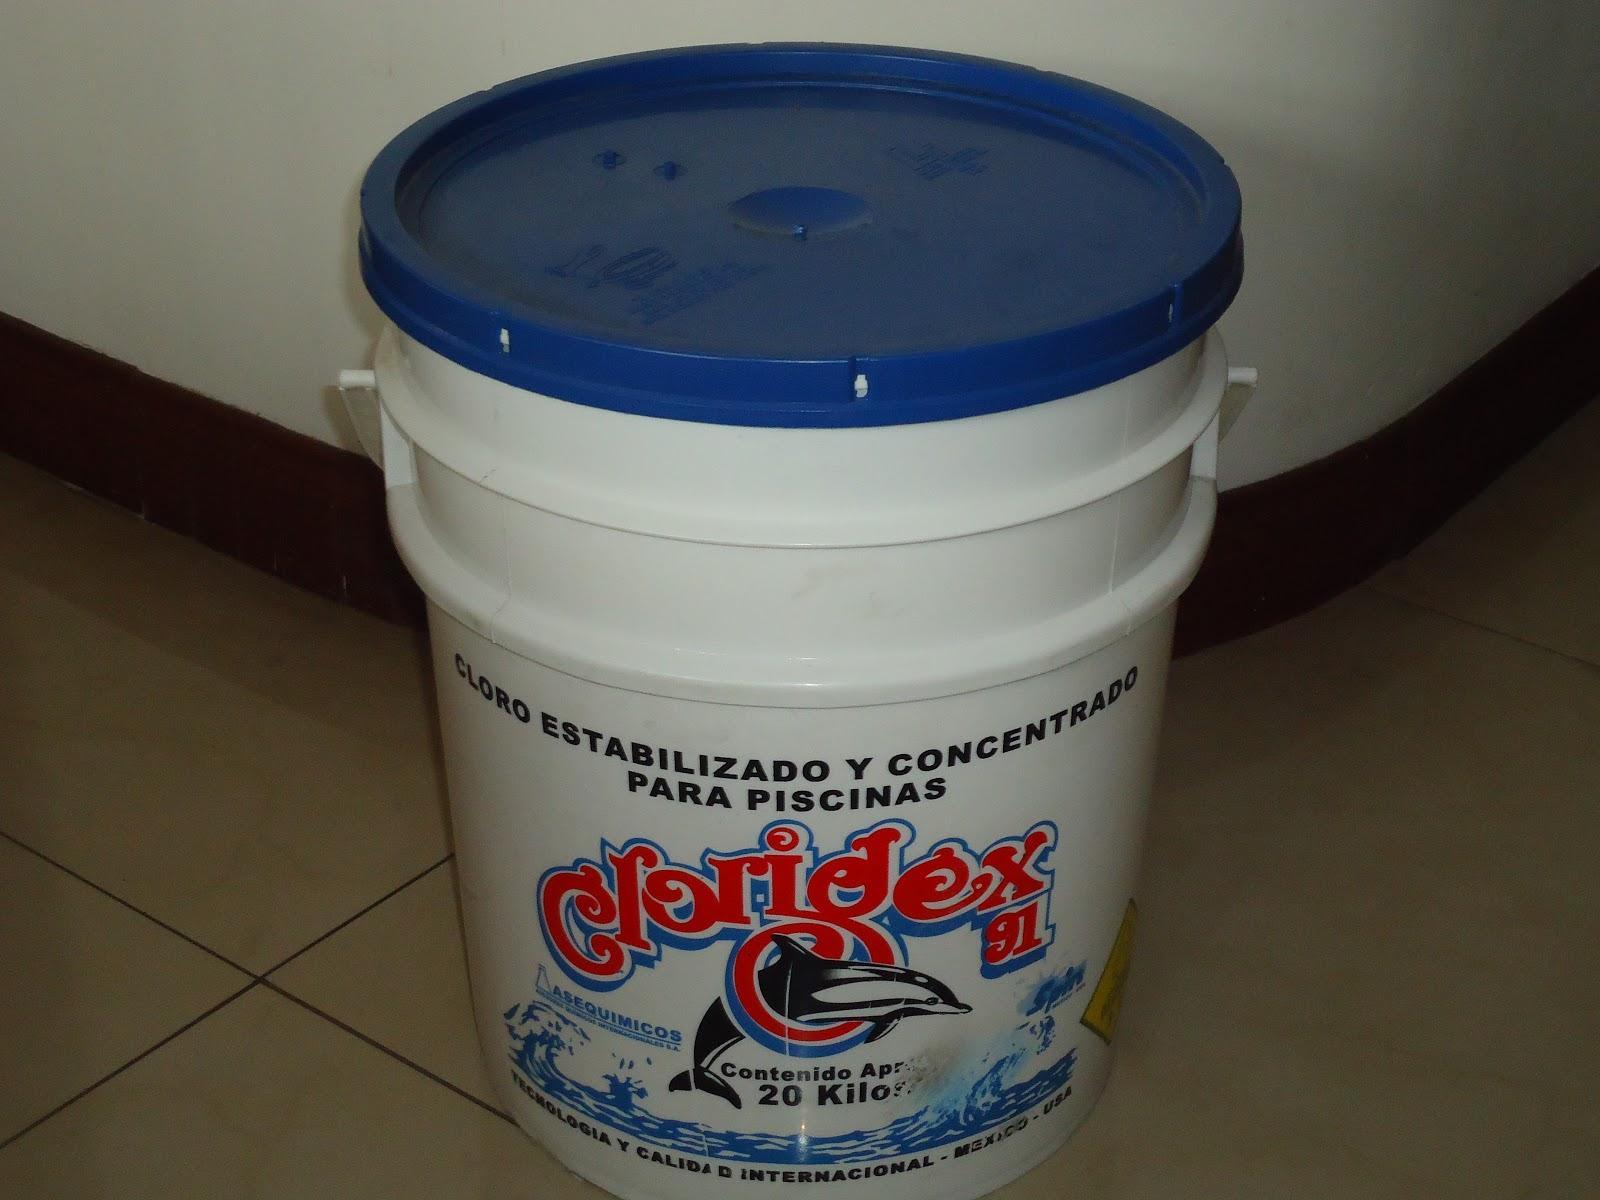 Insumos quimicos y equipos para piscinas pastillas de - Pastillas de cloro para piscinas ...